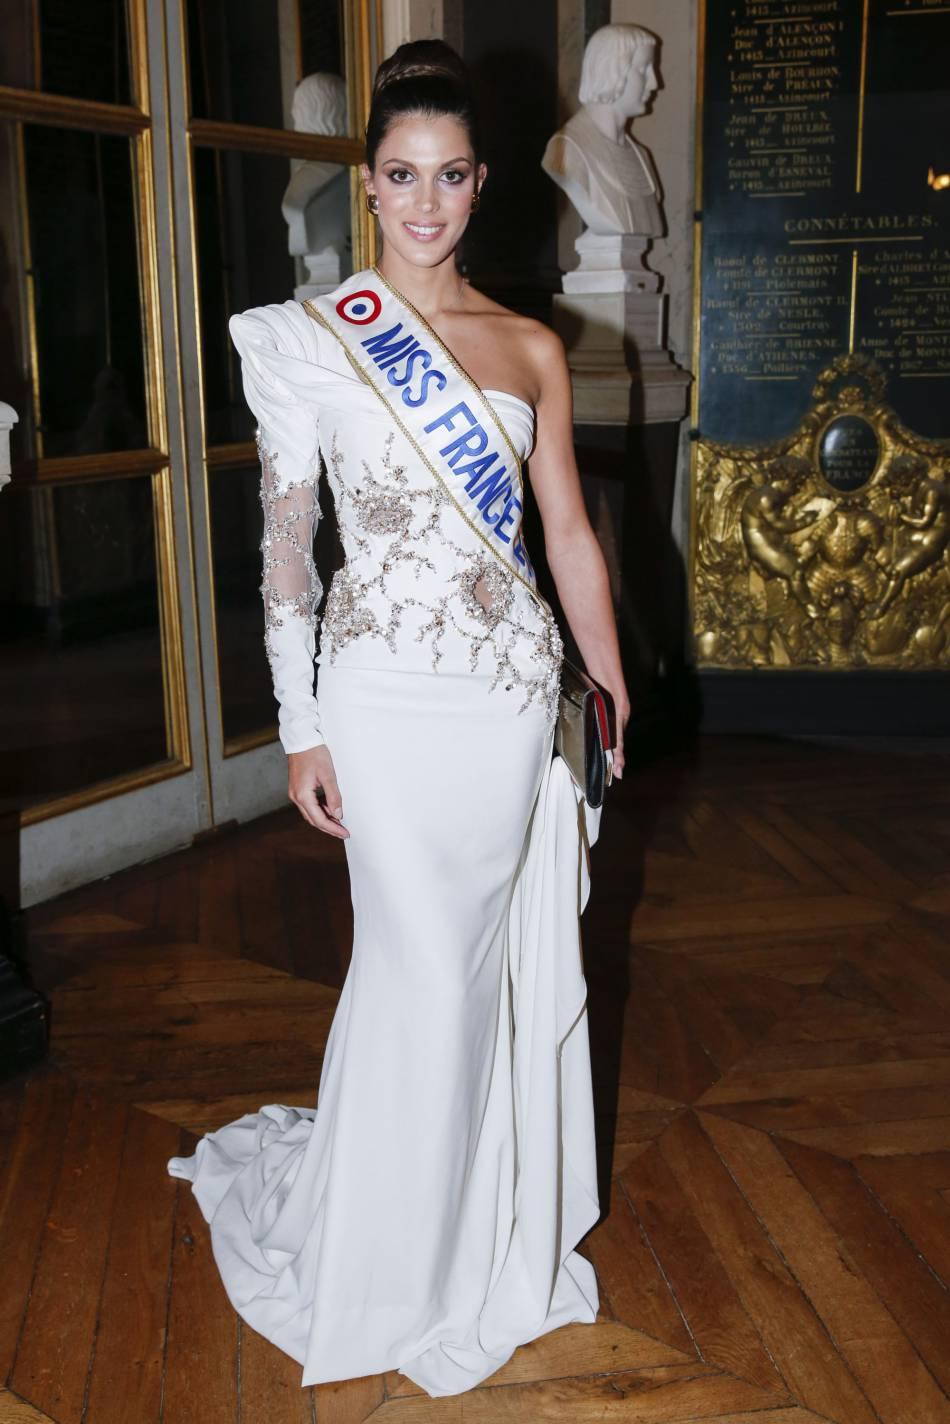 Iris Mittenaere jouant les princesses au château de Versailles.